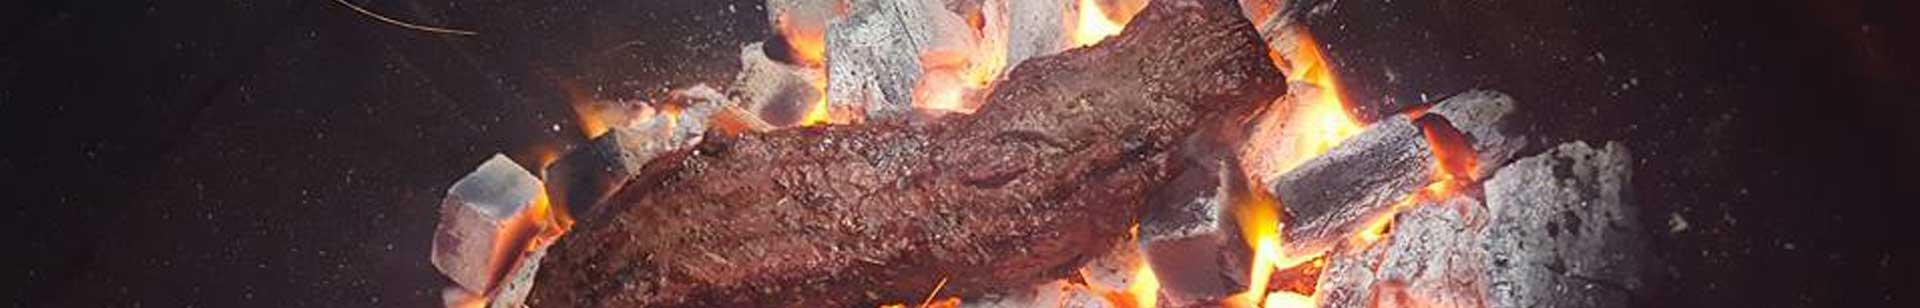 Online vlees bestellen, gemakkelijk thuisbezorgd. Officieel dealer van Ofyr & Big Green Egg en leverancier BBQ accessoires,